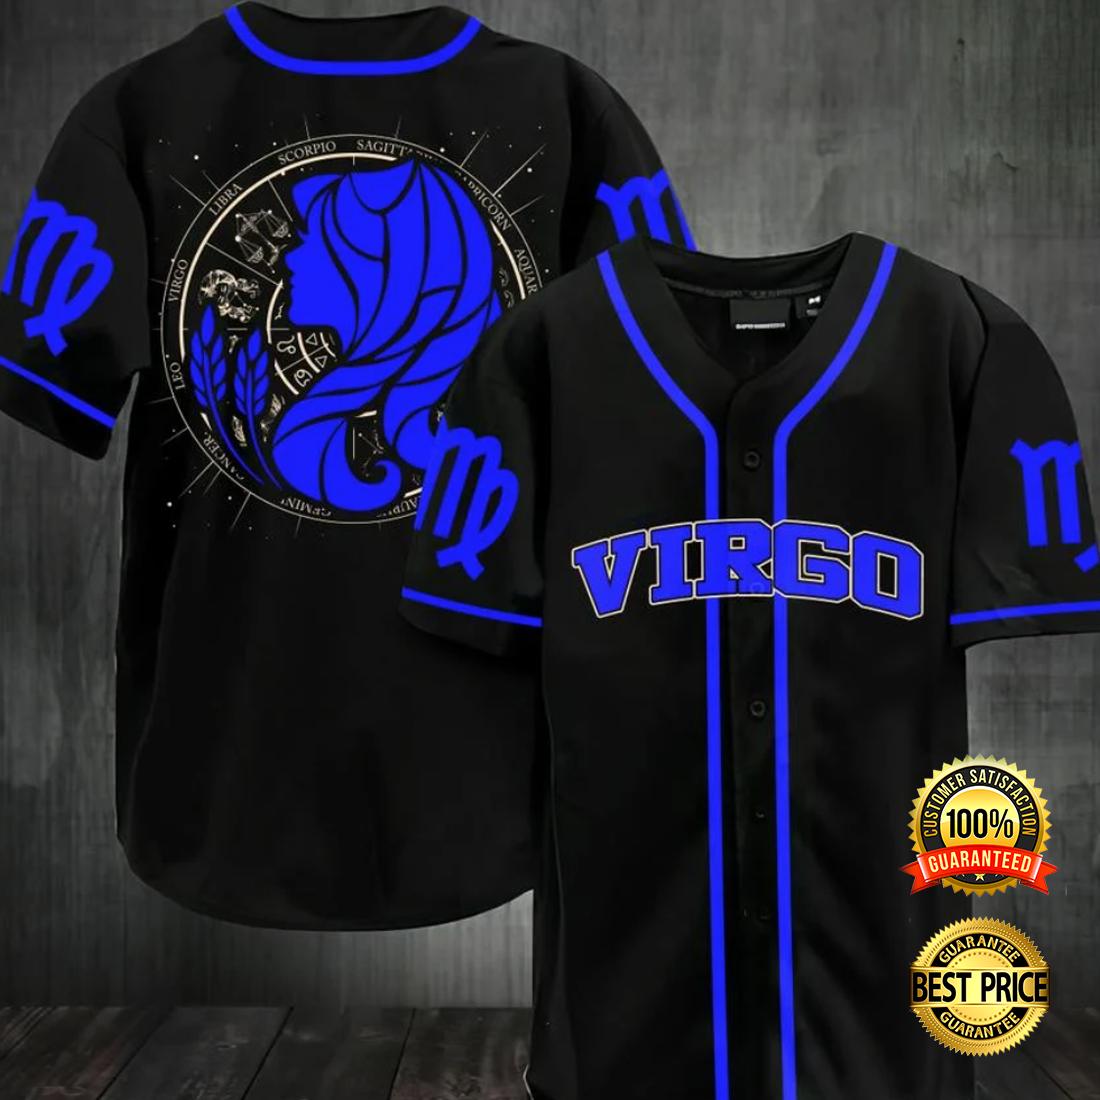 Virgo baseball jersey 4